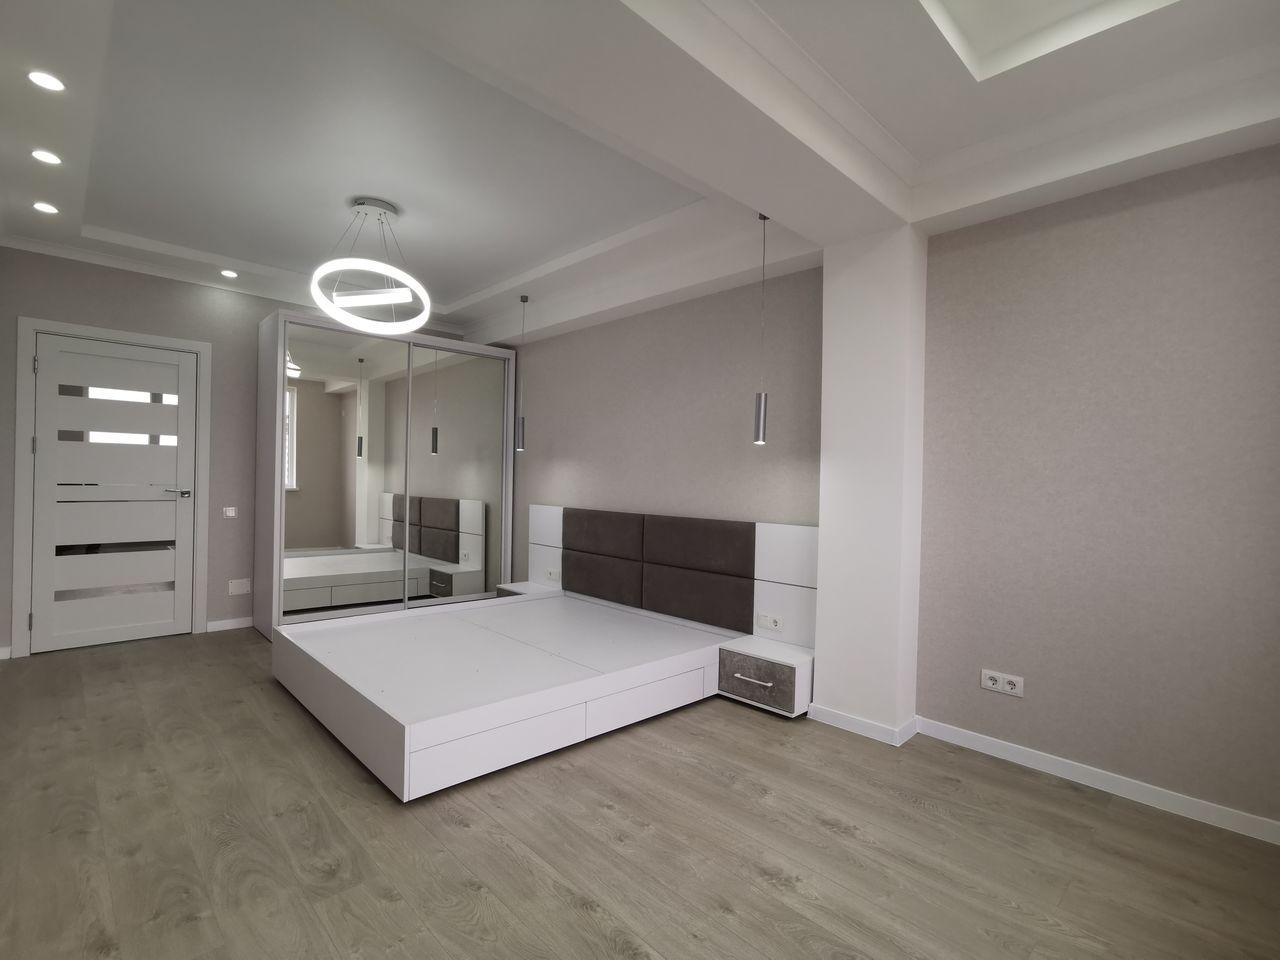 Apartament cu 2 odai, Telecentru, 76 mp